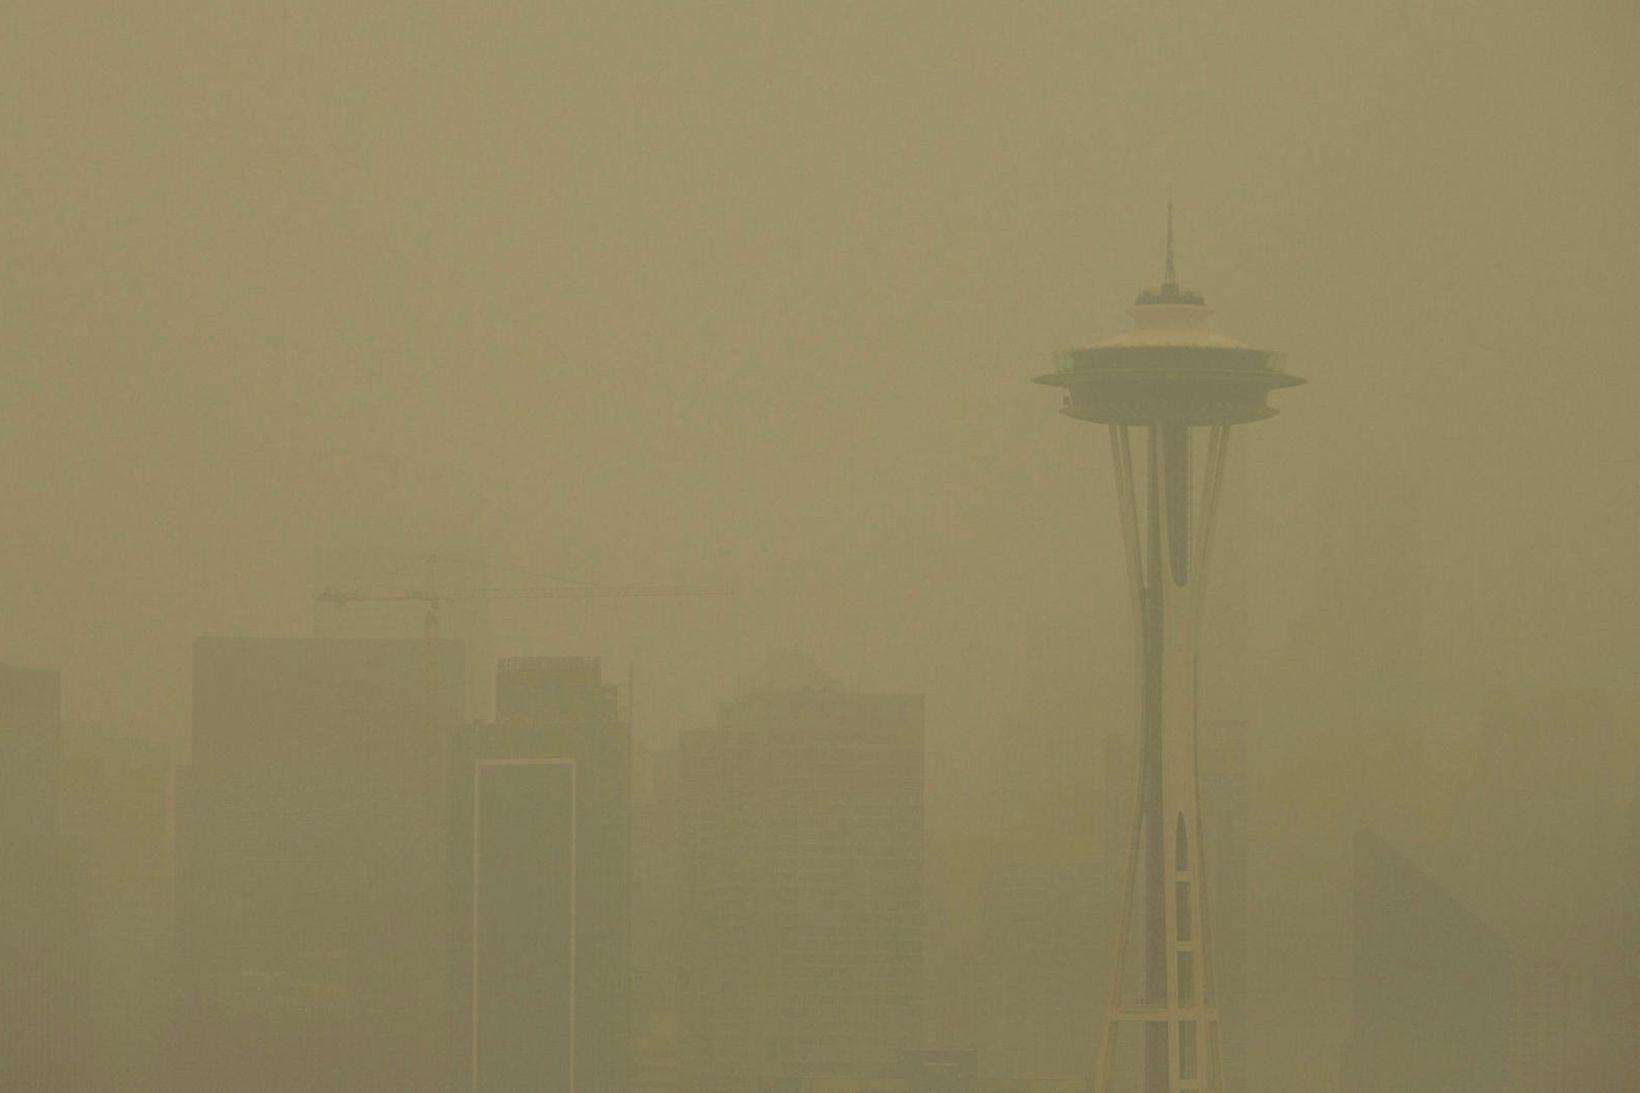 Borgin Seattle í greipum misturs frá gróðureldunum á vesturströnd Bandaríkjanna.